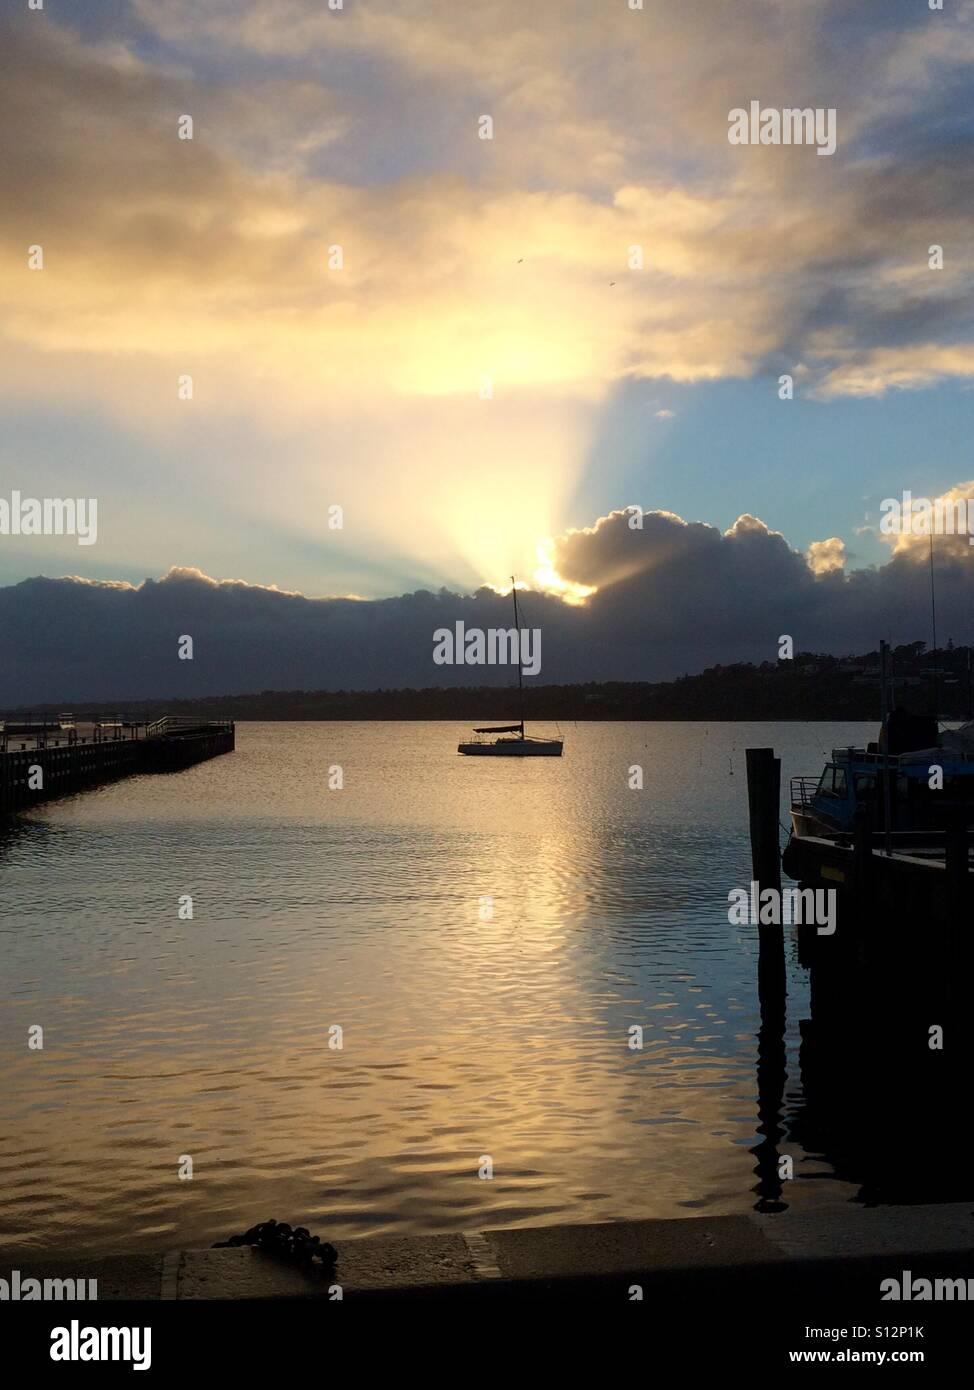 Guten Morgen Sonnenschein Stockfoto Bild 310462479 Alamy